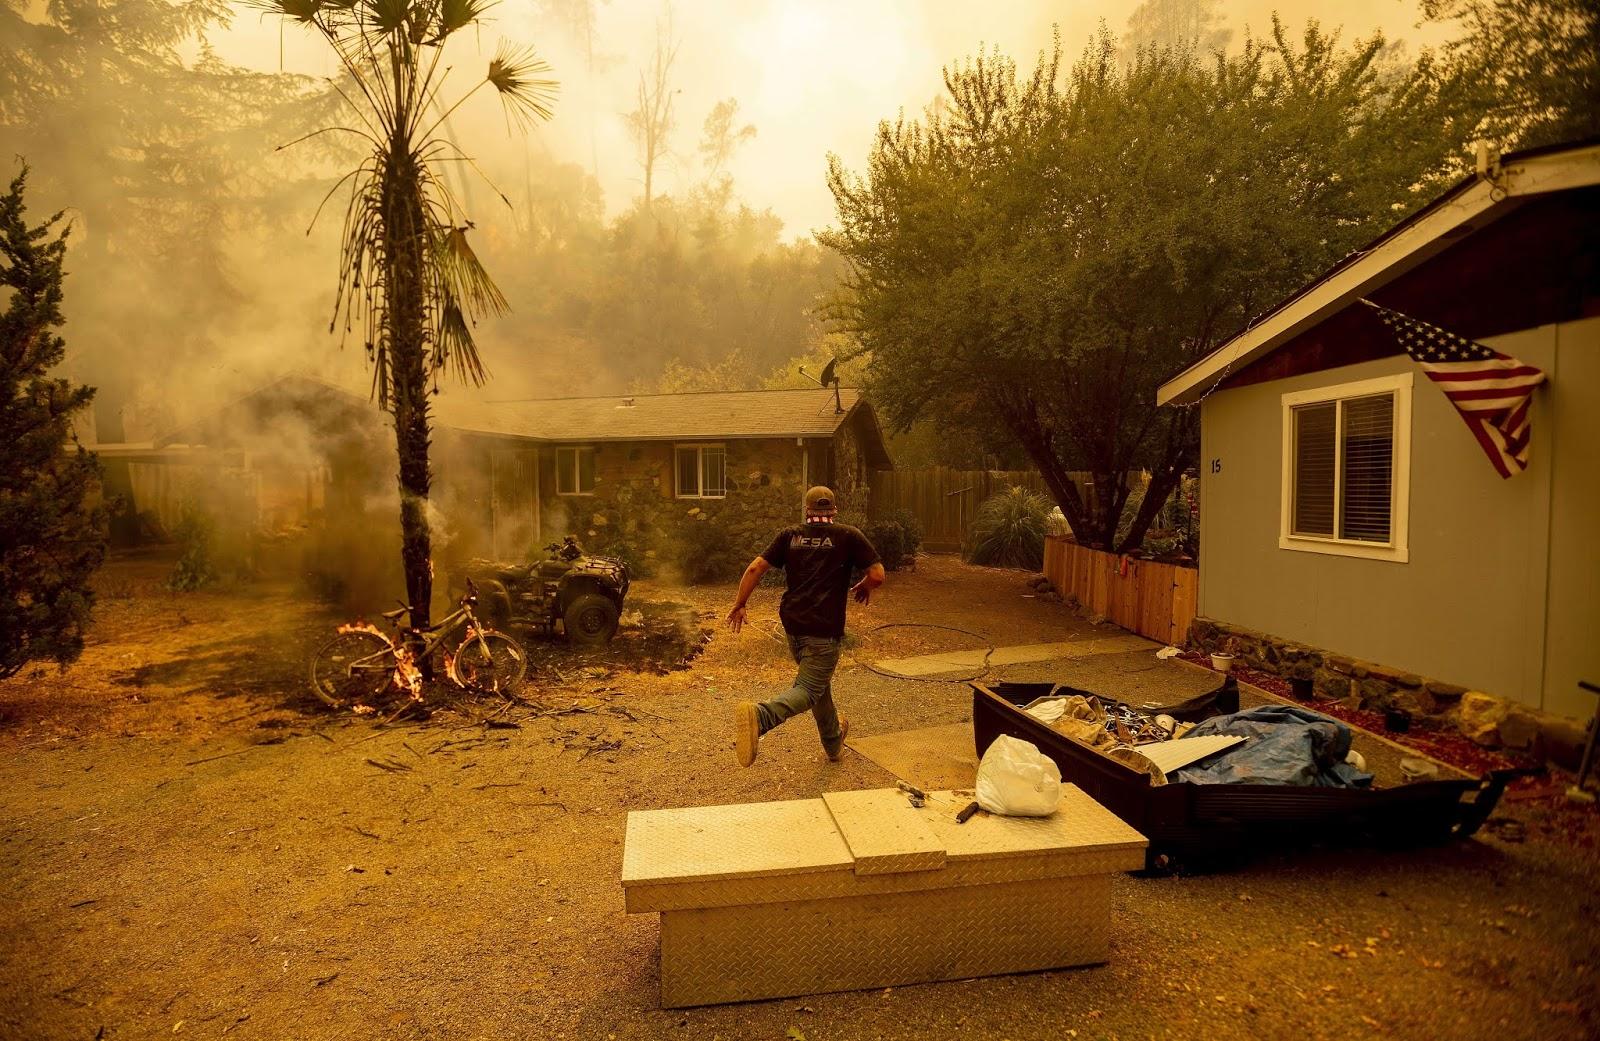 صور للحريق الأكبر في تاريخ كاليفورنيا.. والخطر يهدد السكان